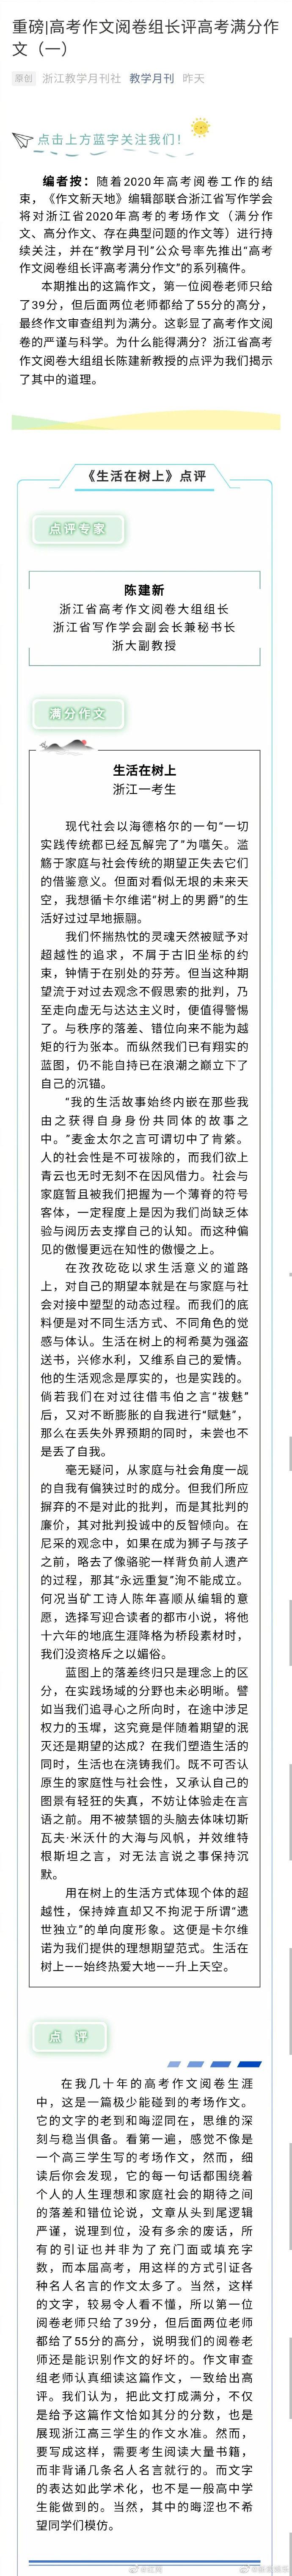 【星尘传说私服】_凤凰网民调:超7成网友认为浙江高考作文《生活在树上》不值得打满分